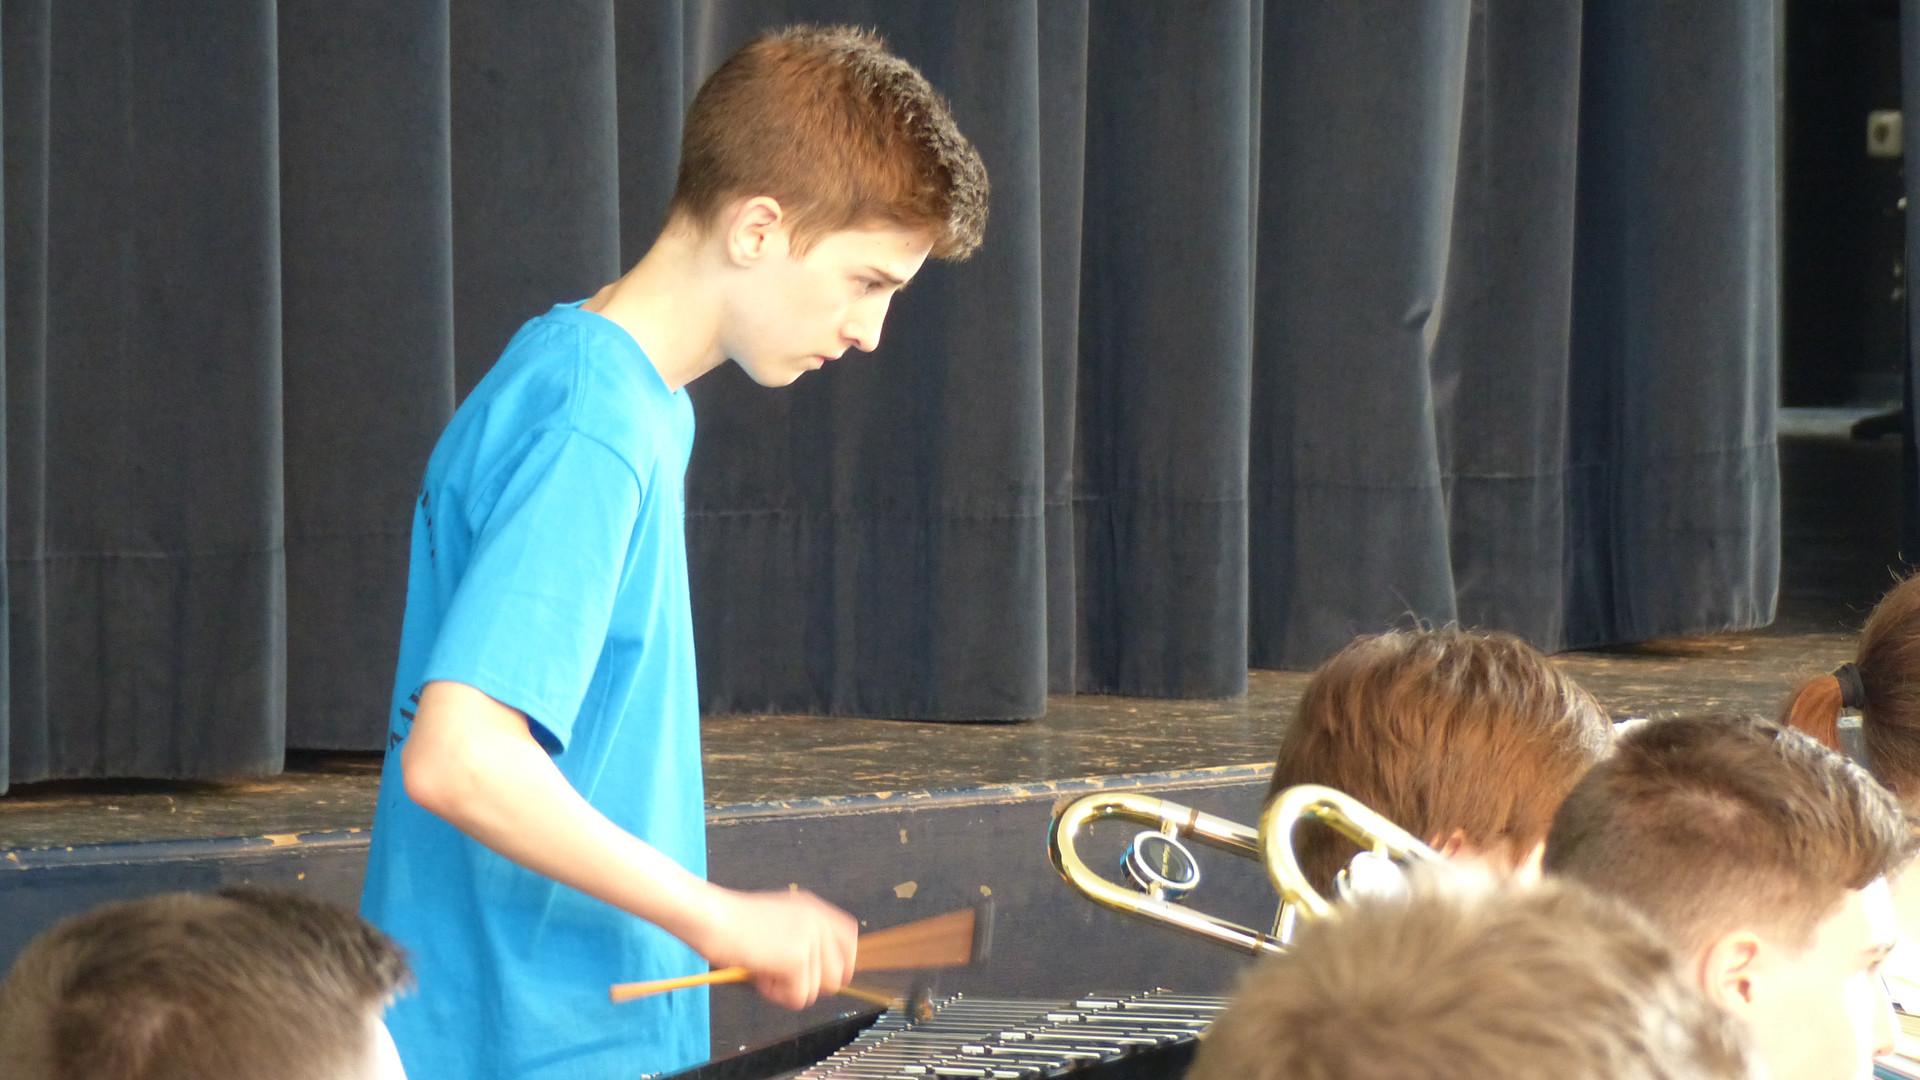 9. Das symphonische Blasorchester in Akt